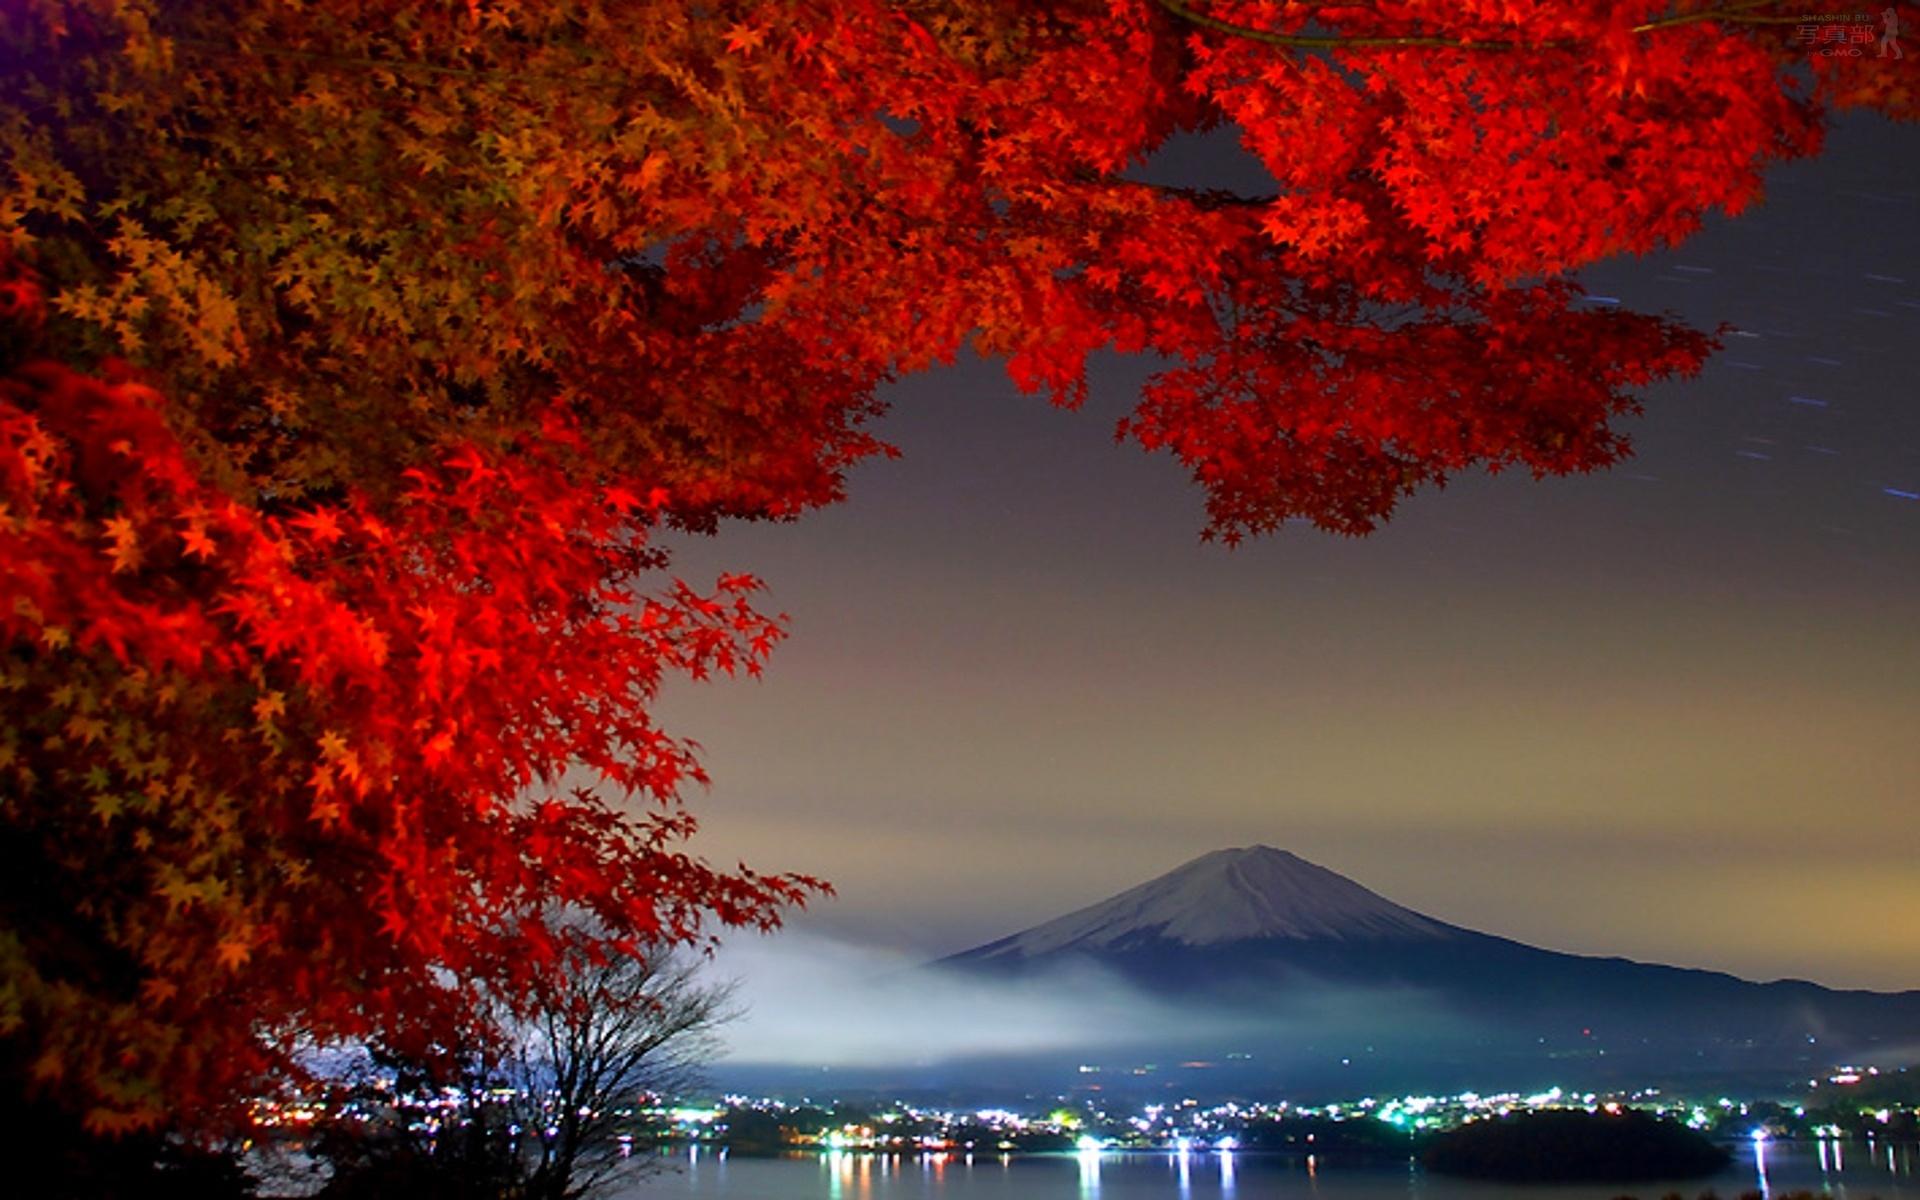 Phong cảnh thiên nhiên tuyệt đẹp với cây phong lá đỏ